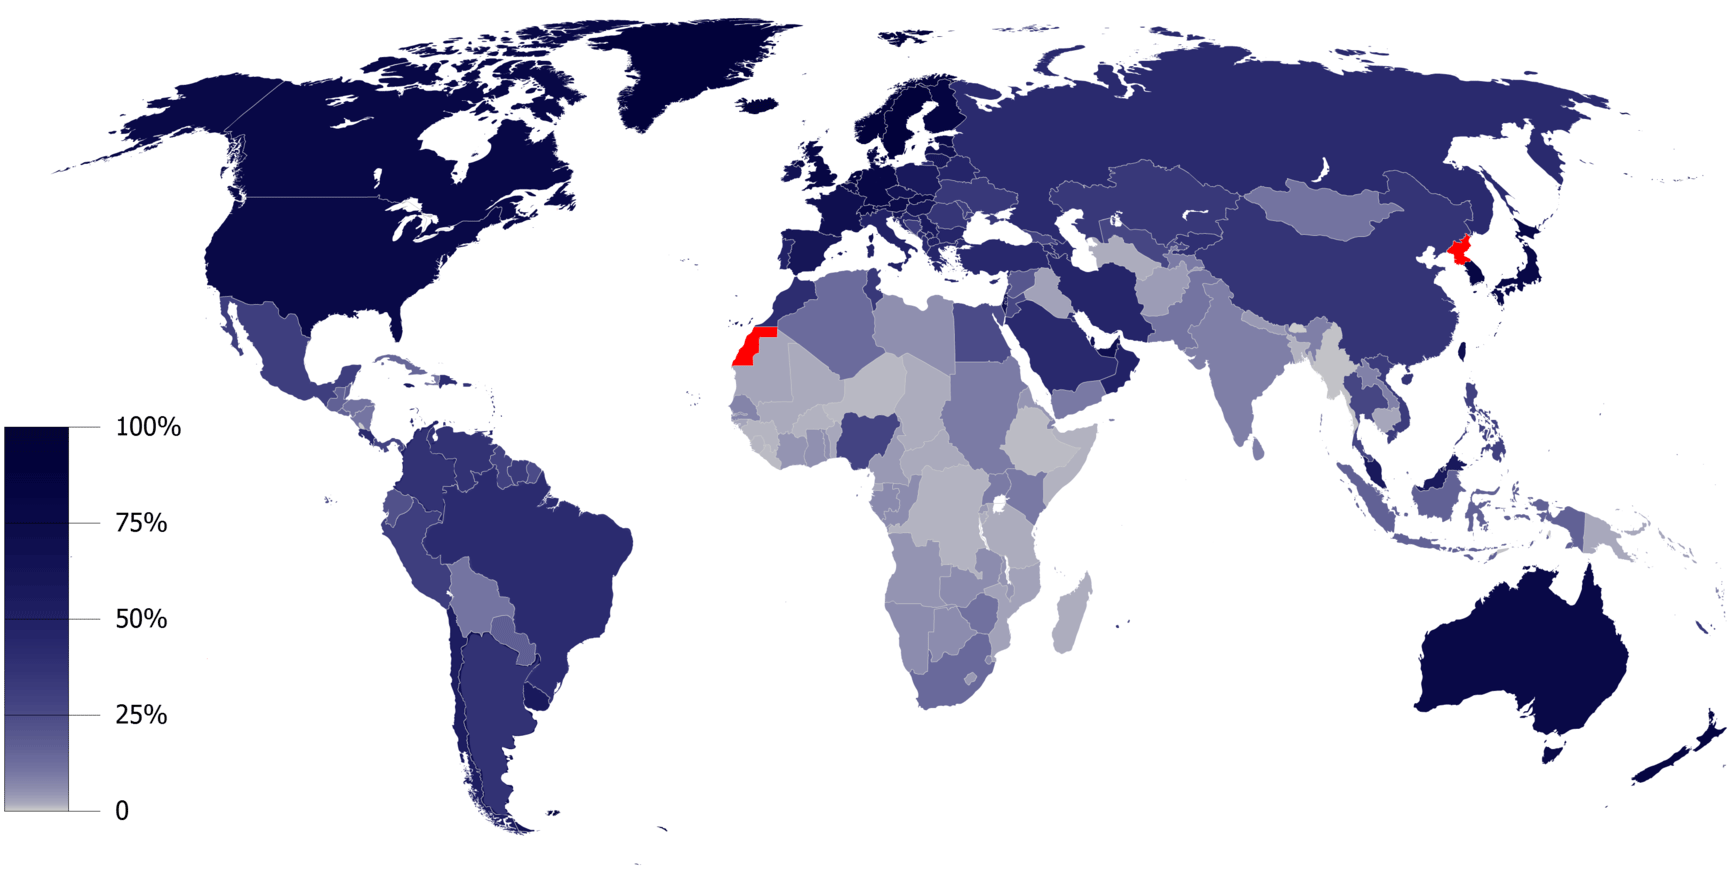 Карта стран мира по распространенности Интернета